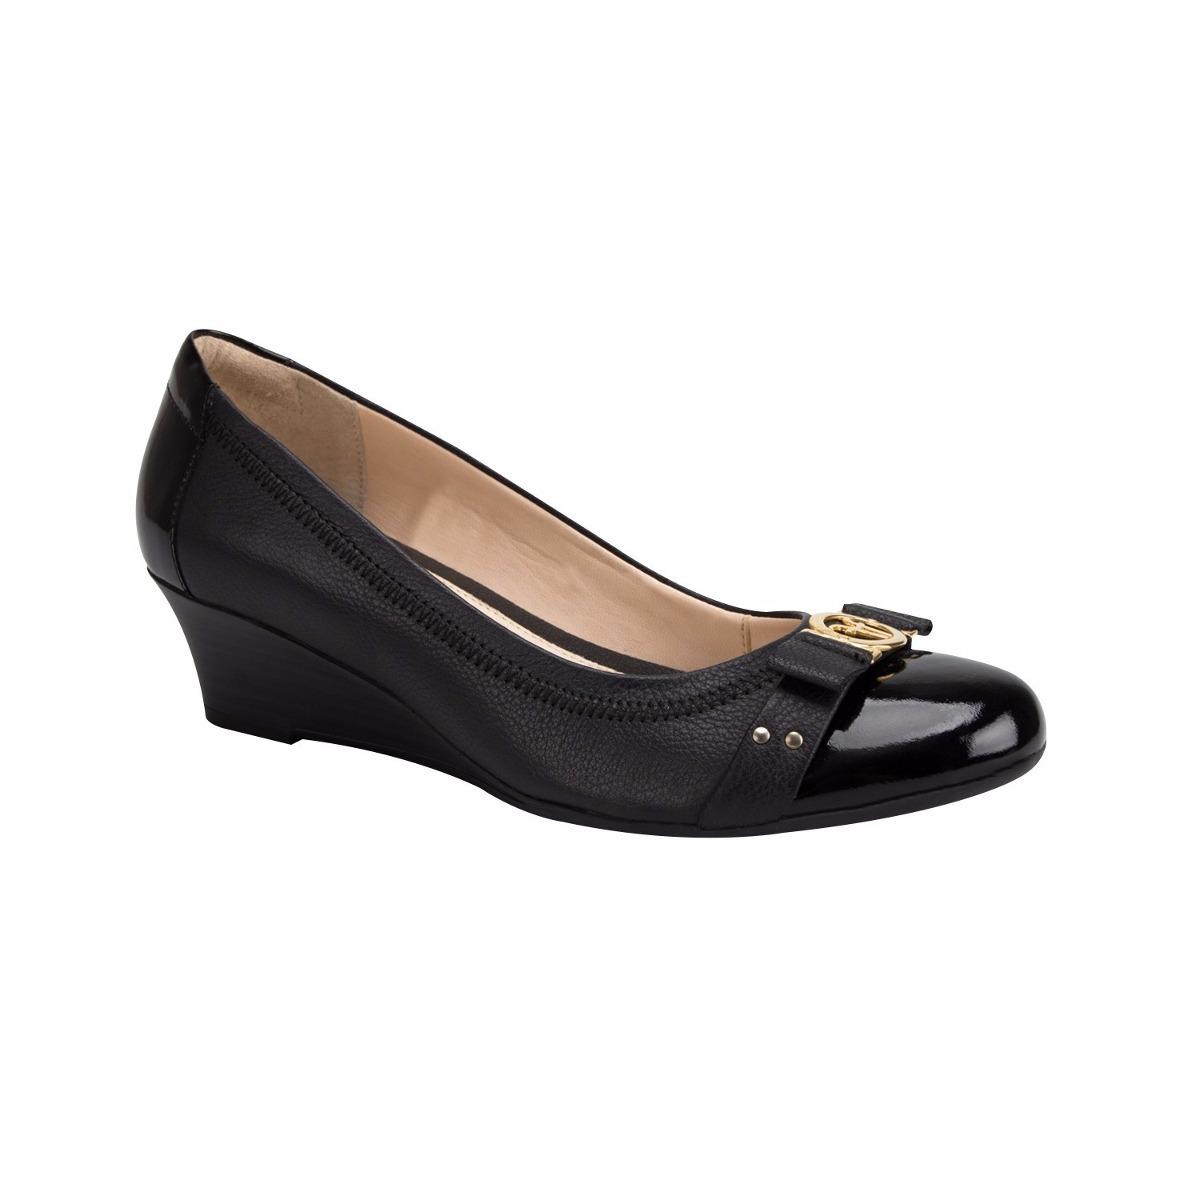 e2900b9bd4fc7 Zapato Comodo Para Mujer Marca Flexi Ad0639 -   999.00 en Mercado Libre